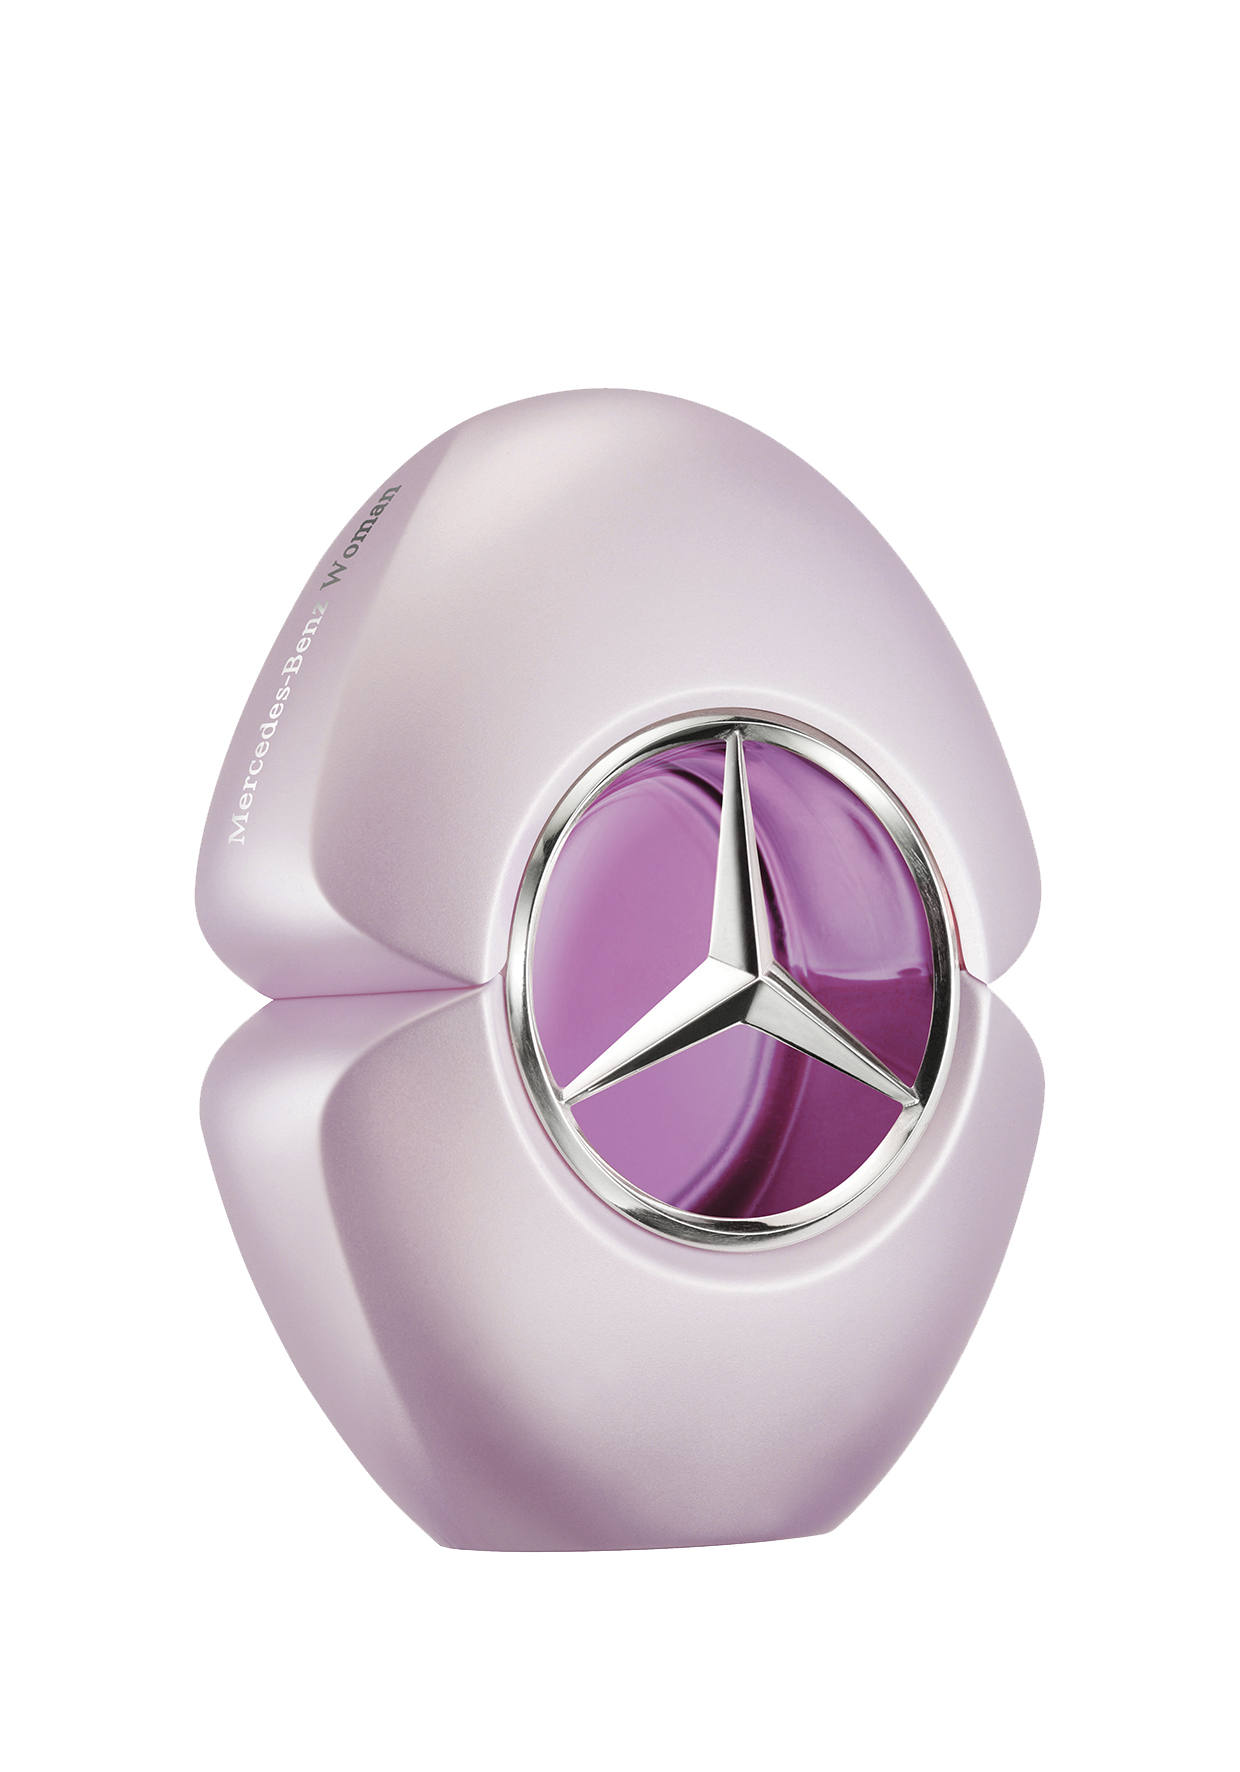 A Mercedes-Benz Woman egy ritka, gourmand illat melynek női kreátora van – az elismert parfümkészítő mester Honorine Blanc– és nőknek készült. Egy nő, aki ismeri és megérti a nőket, megérzéssel és szakértelemmel ismeri fel és ismeri el vágyaikat. Mercedes-Benz Woman. Egy nő. És az ő parfümje. <br />